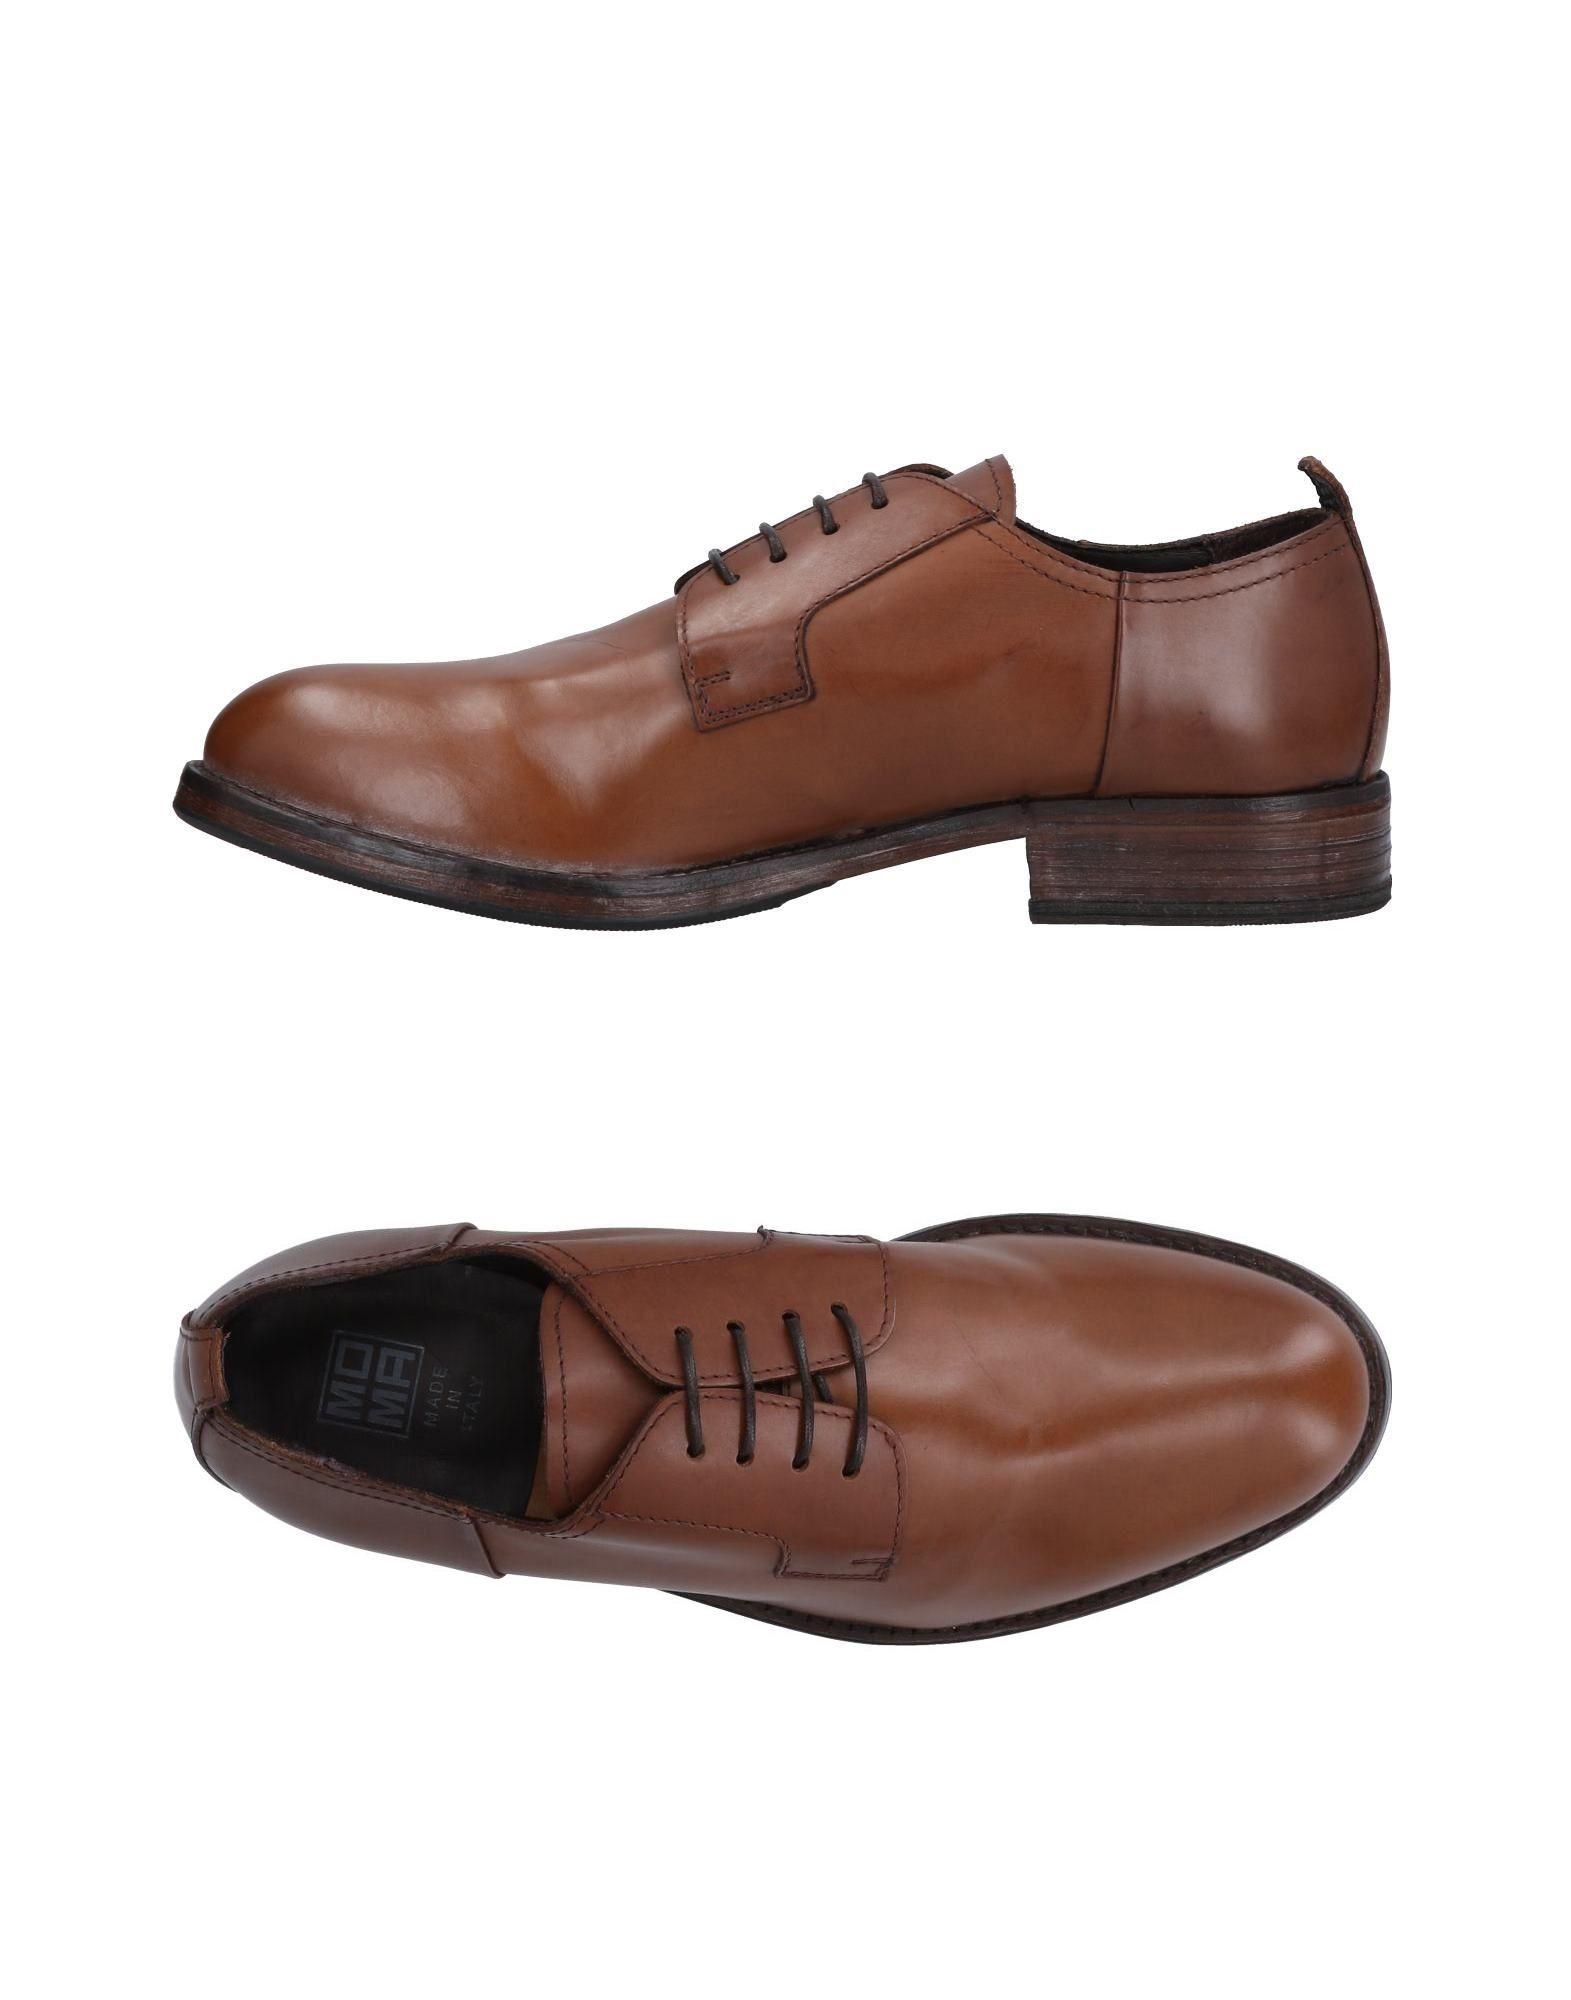 Moma Schnürschuhe Herren  11508742PW Gute Qualität beliebte Schuhe